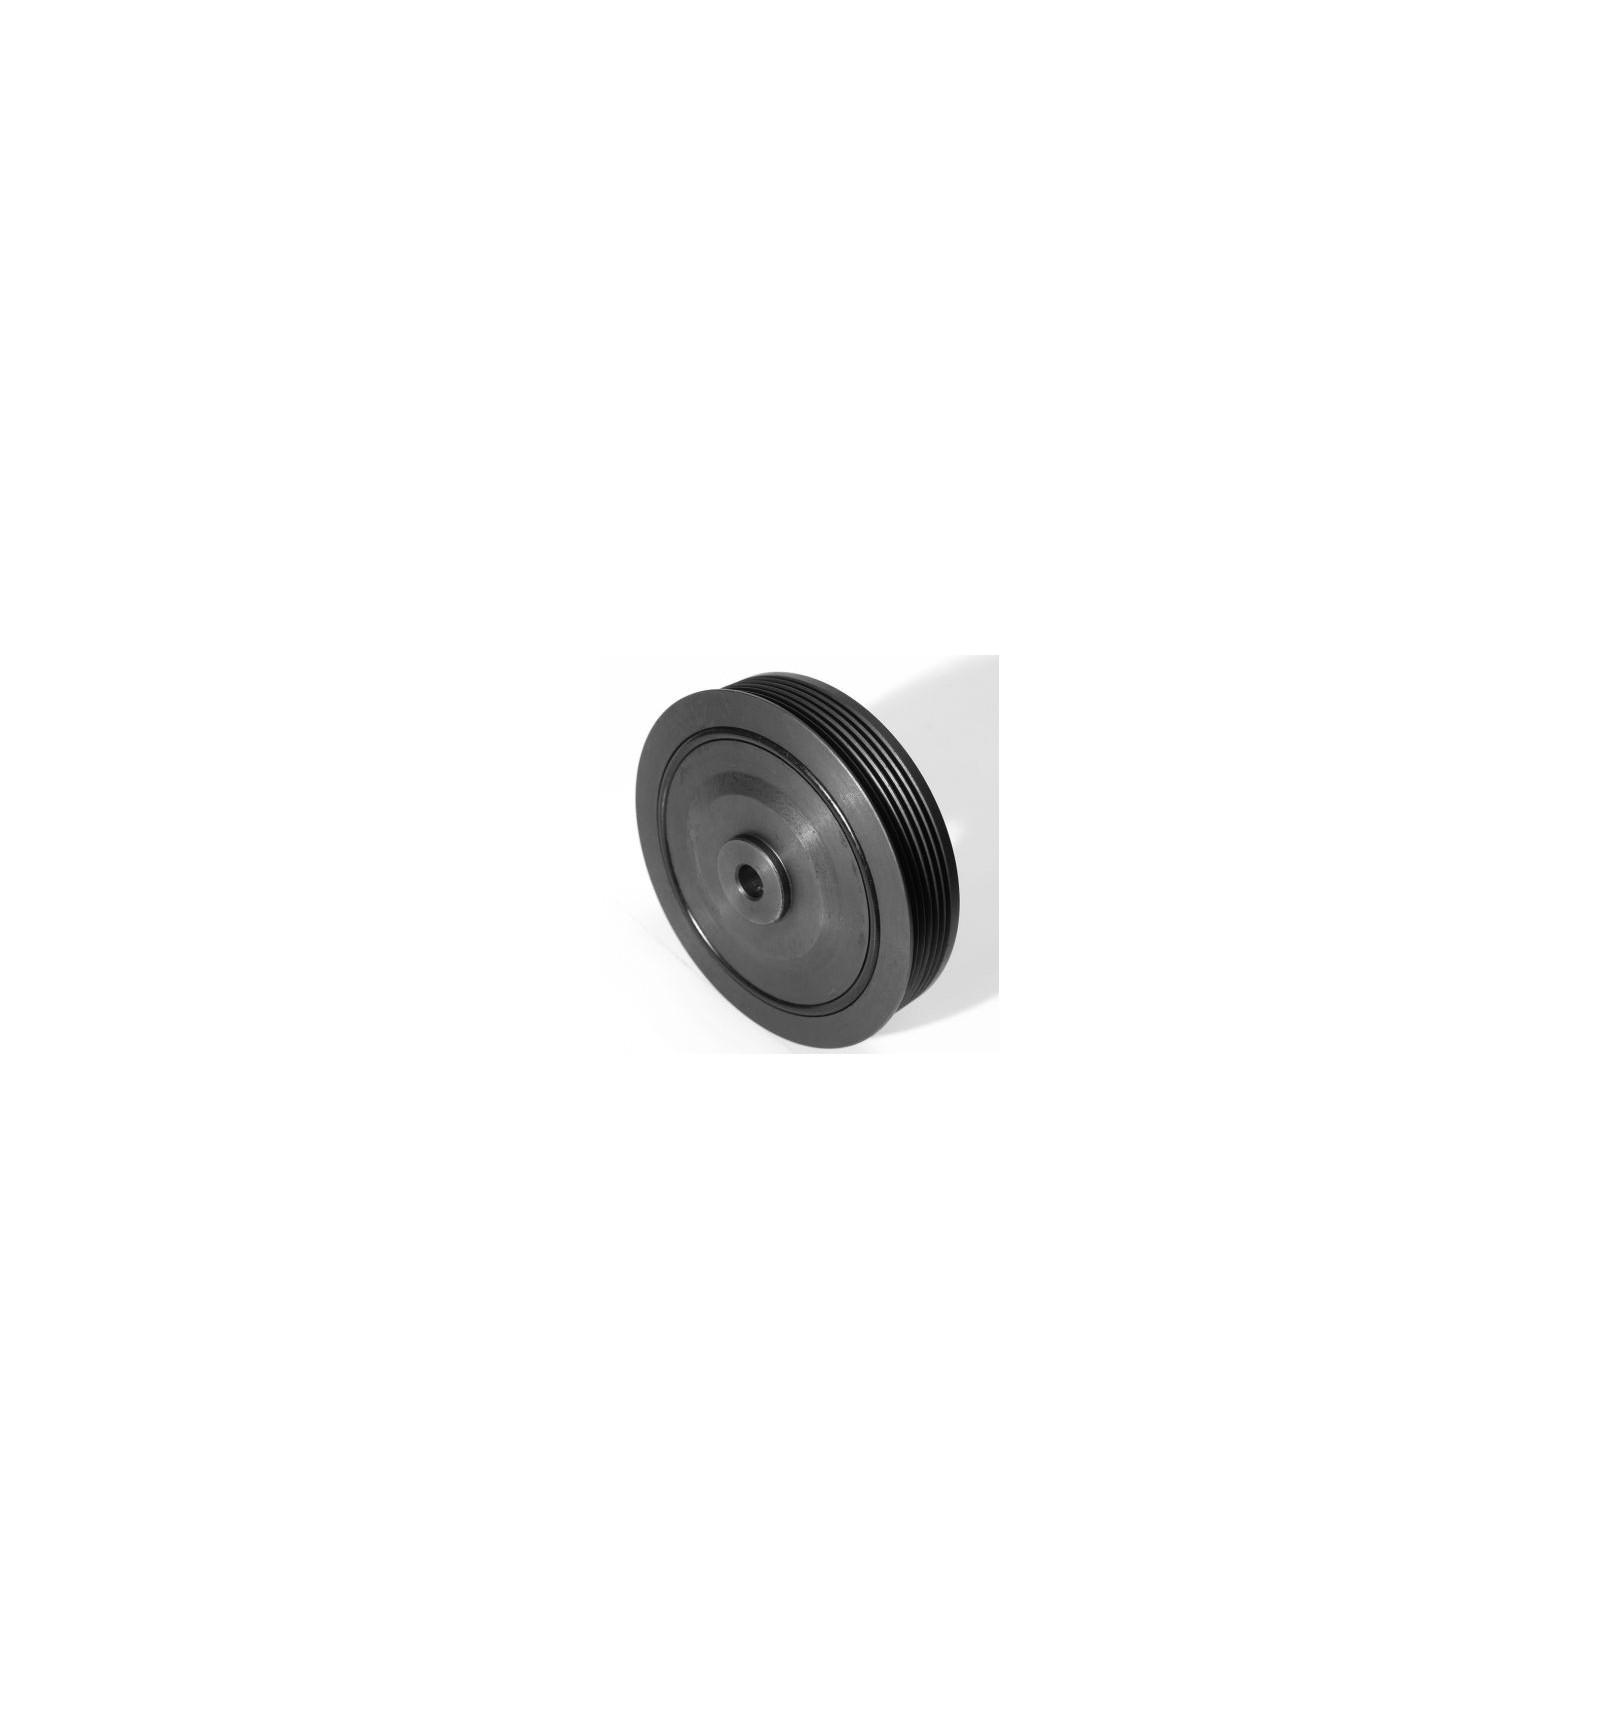 poulie vilbrequin damper renault clio kangoo megane scenic r19 r11 super 5 diesel. Black Bedroom Furniture Sets. Home Design Ideas